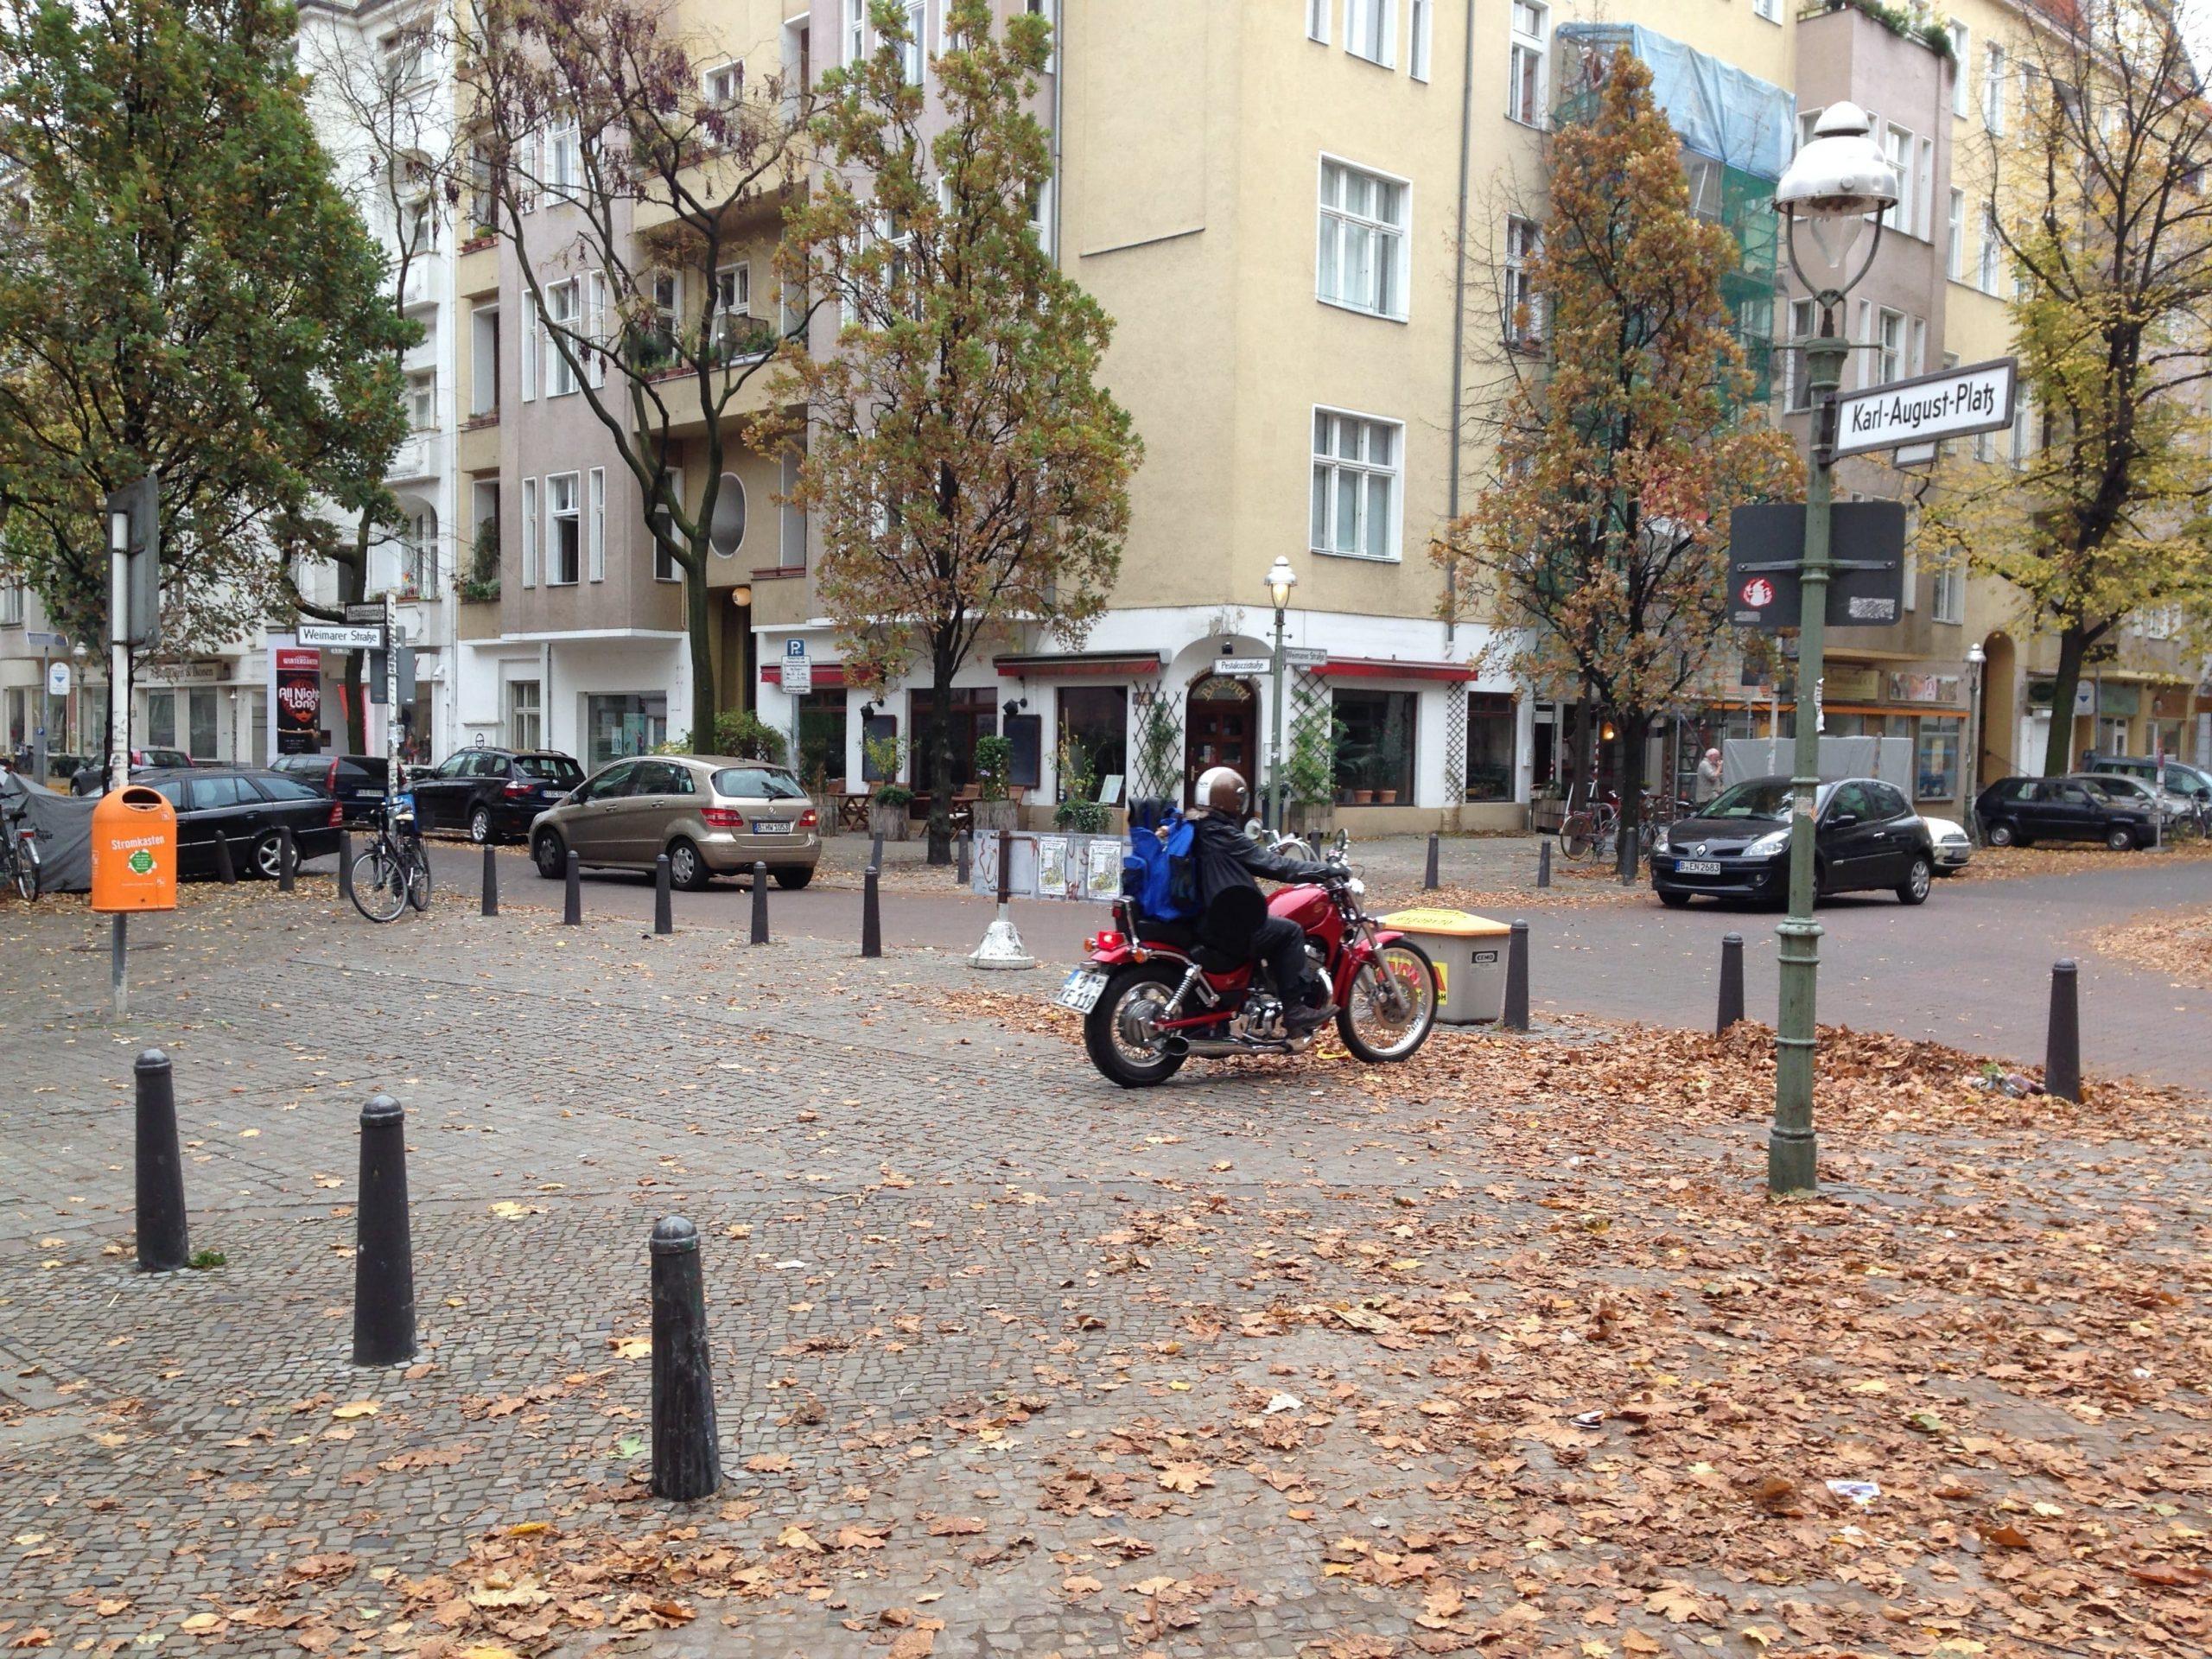 Motorrad auf dem Karl-August-Platz